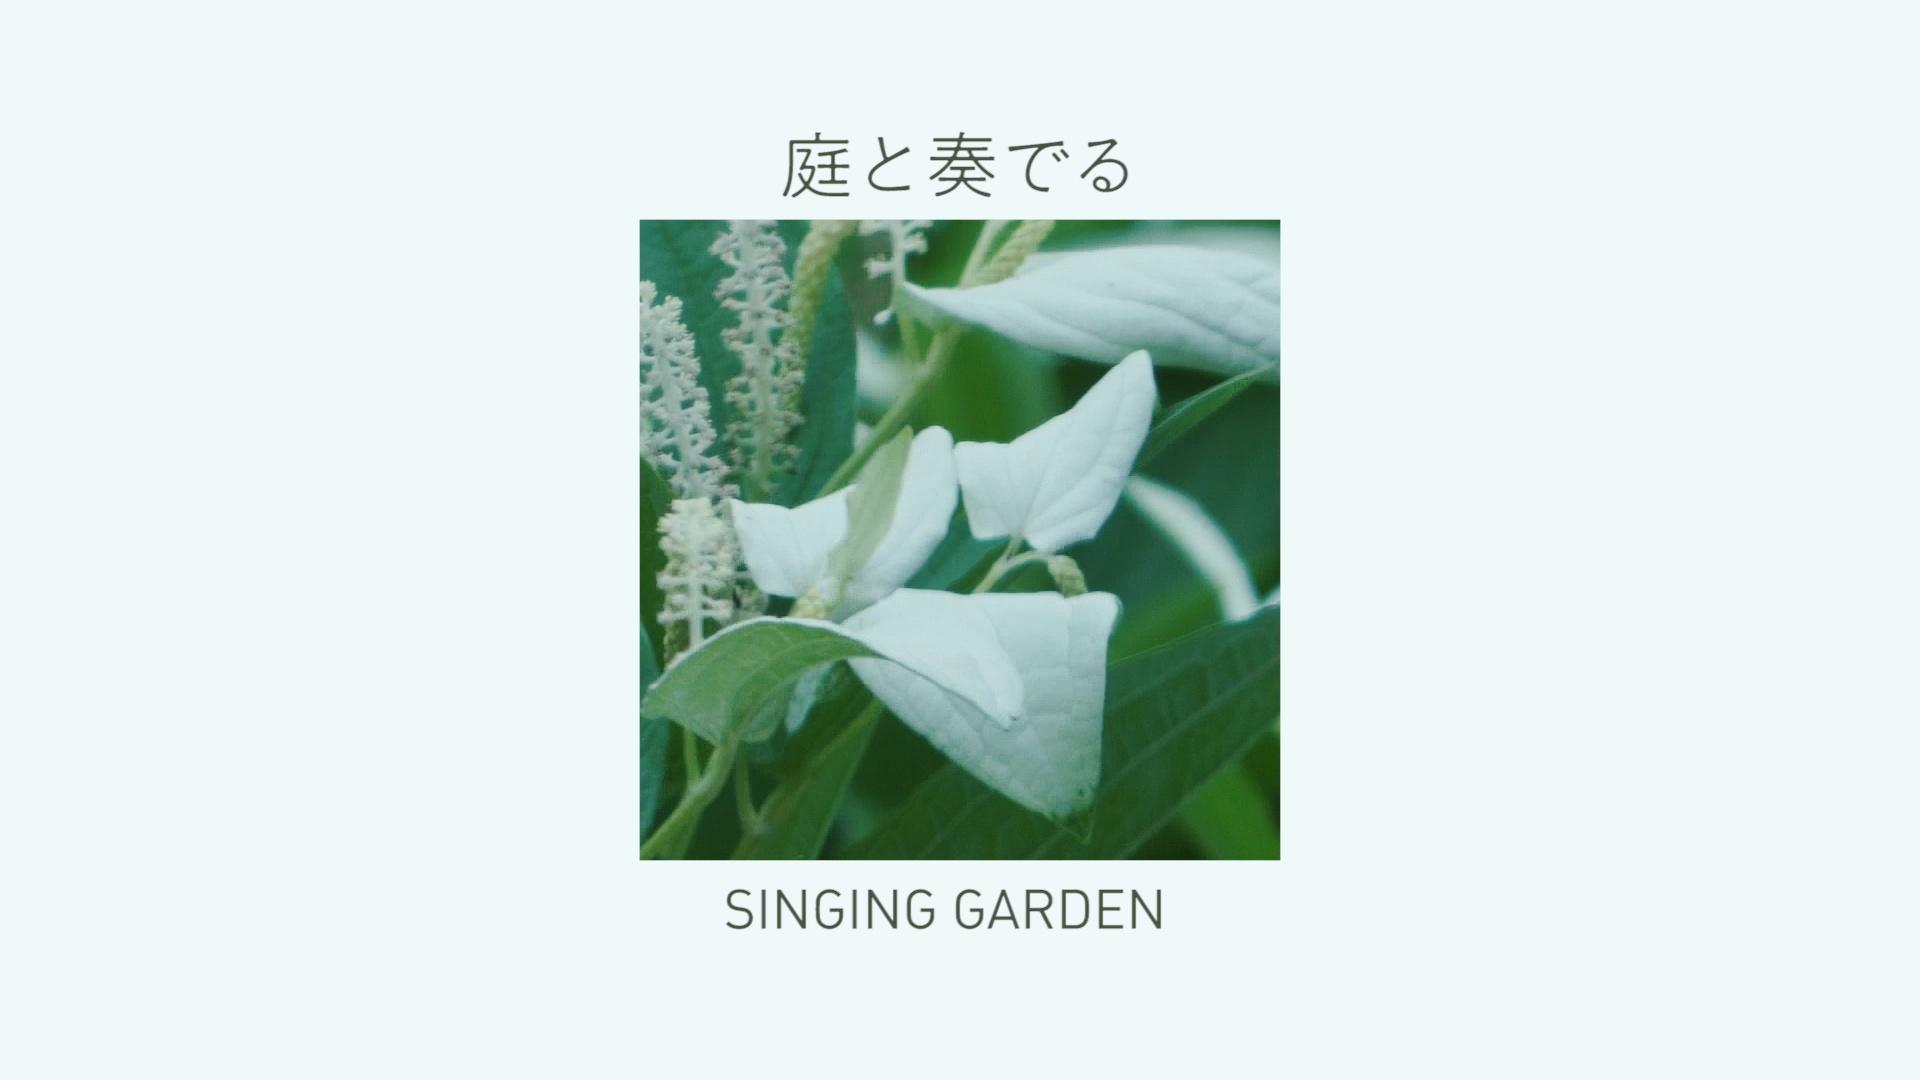 庭と奏でる [Singing Garden] 007